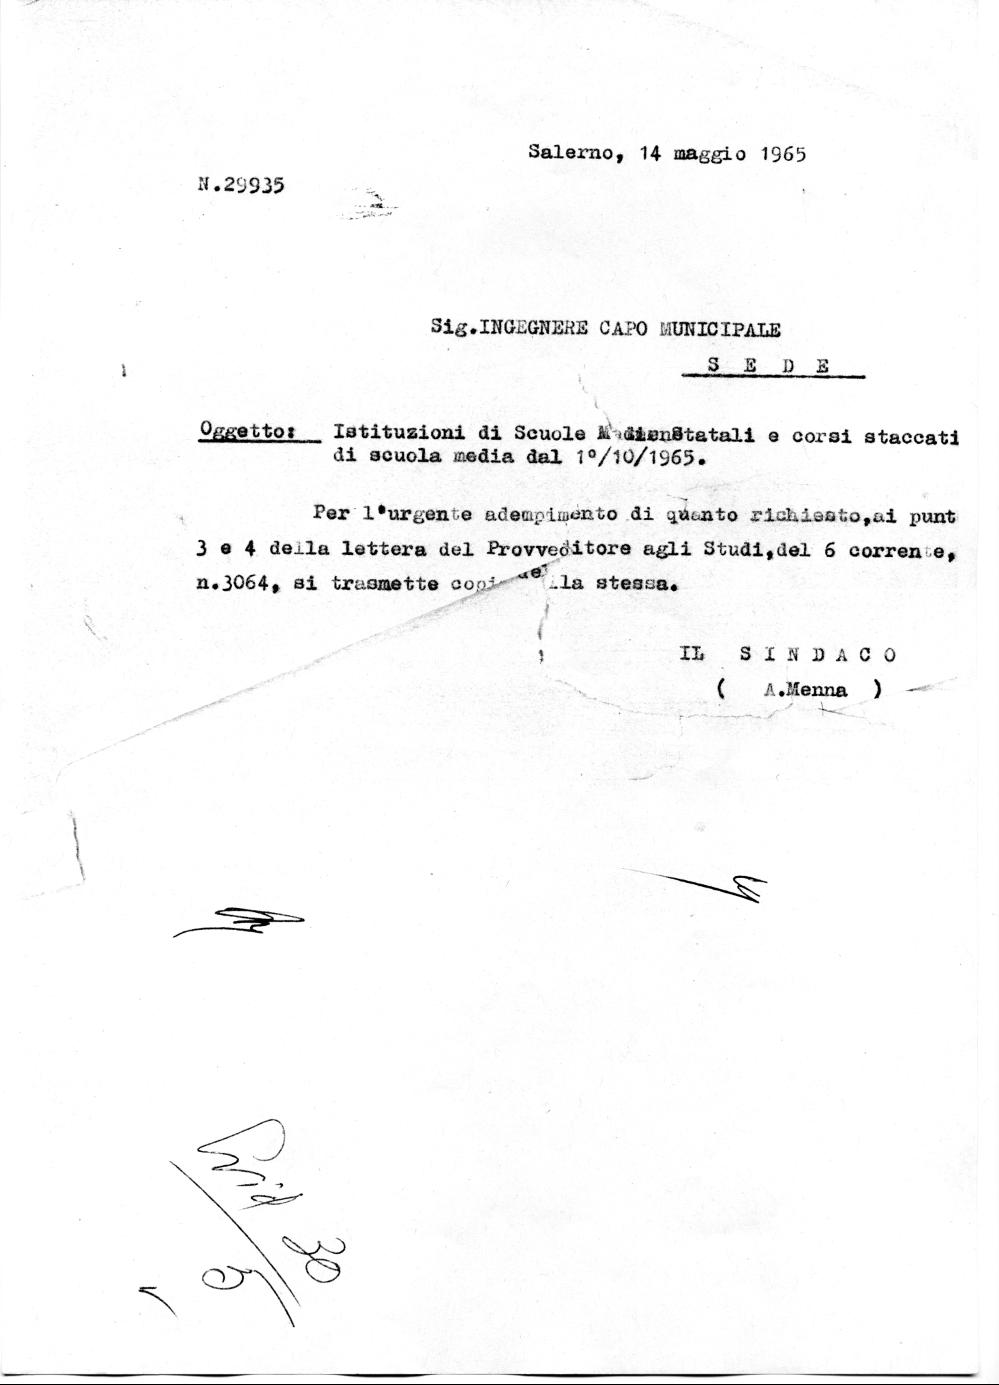 Comunicazione inviata dal Sindaco all'Ingegnere Capo Municipale per gli adempimenti tecnici richiesti dal Provveditorato Agli Studi di Salerno (Archivio storico Comune di Salerno)